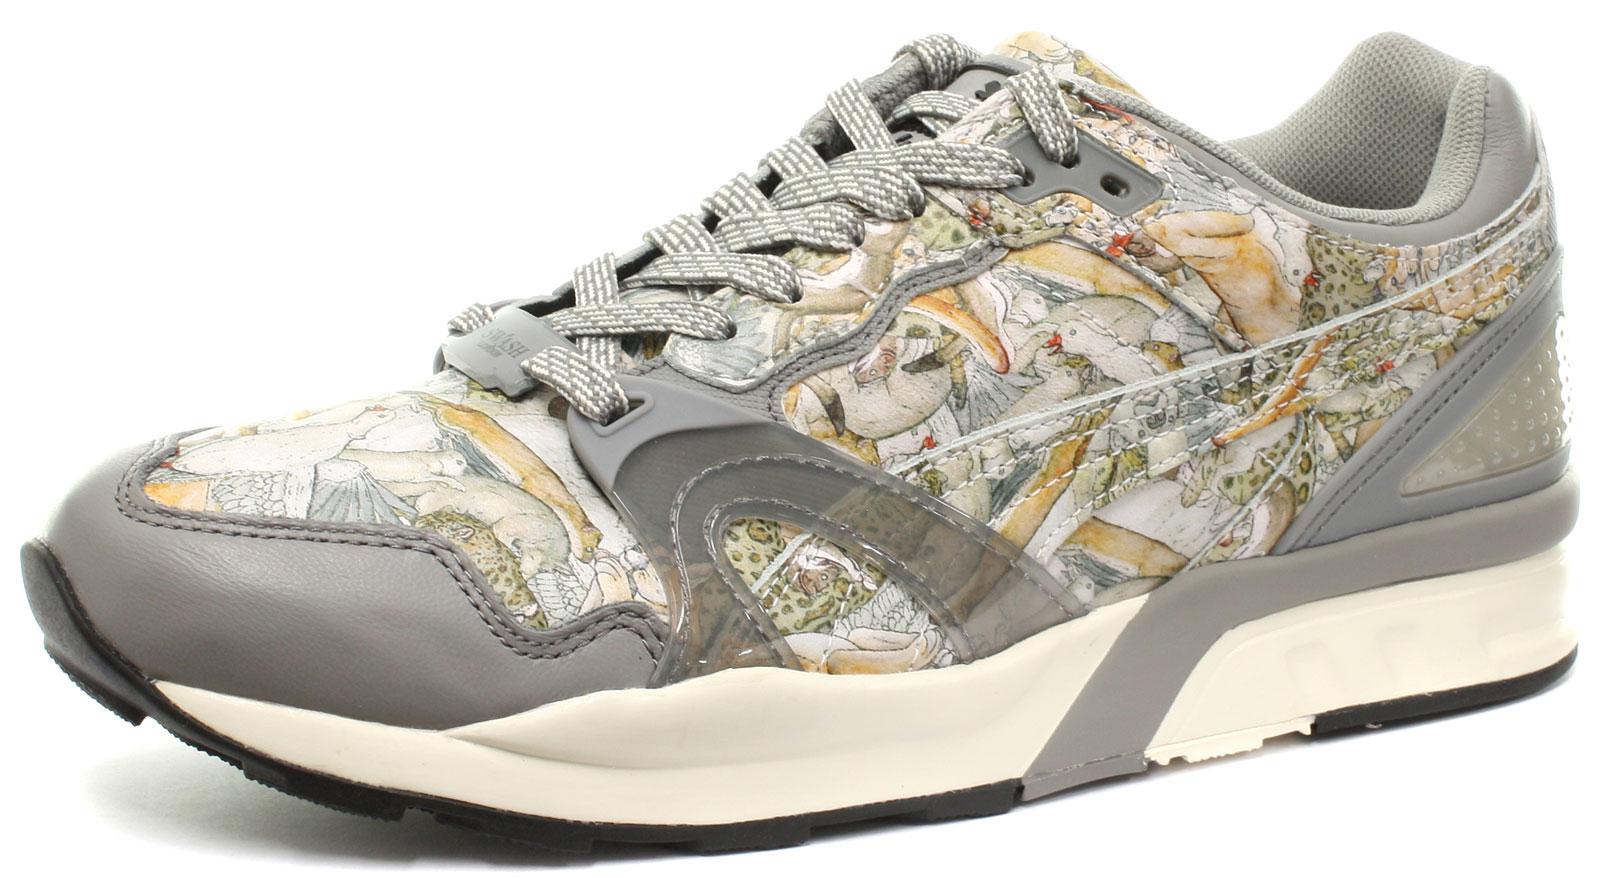 PUMA xt2 x Swash WTT Trinomic Londra Sneaker Scarpe 359323 01